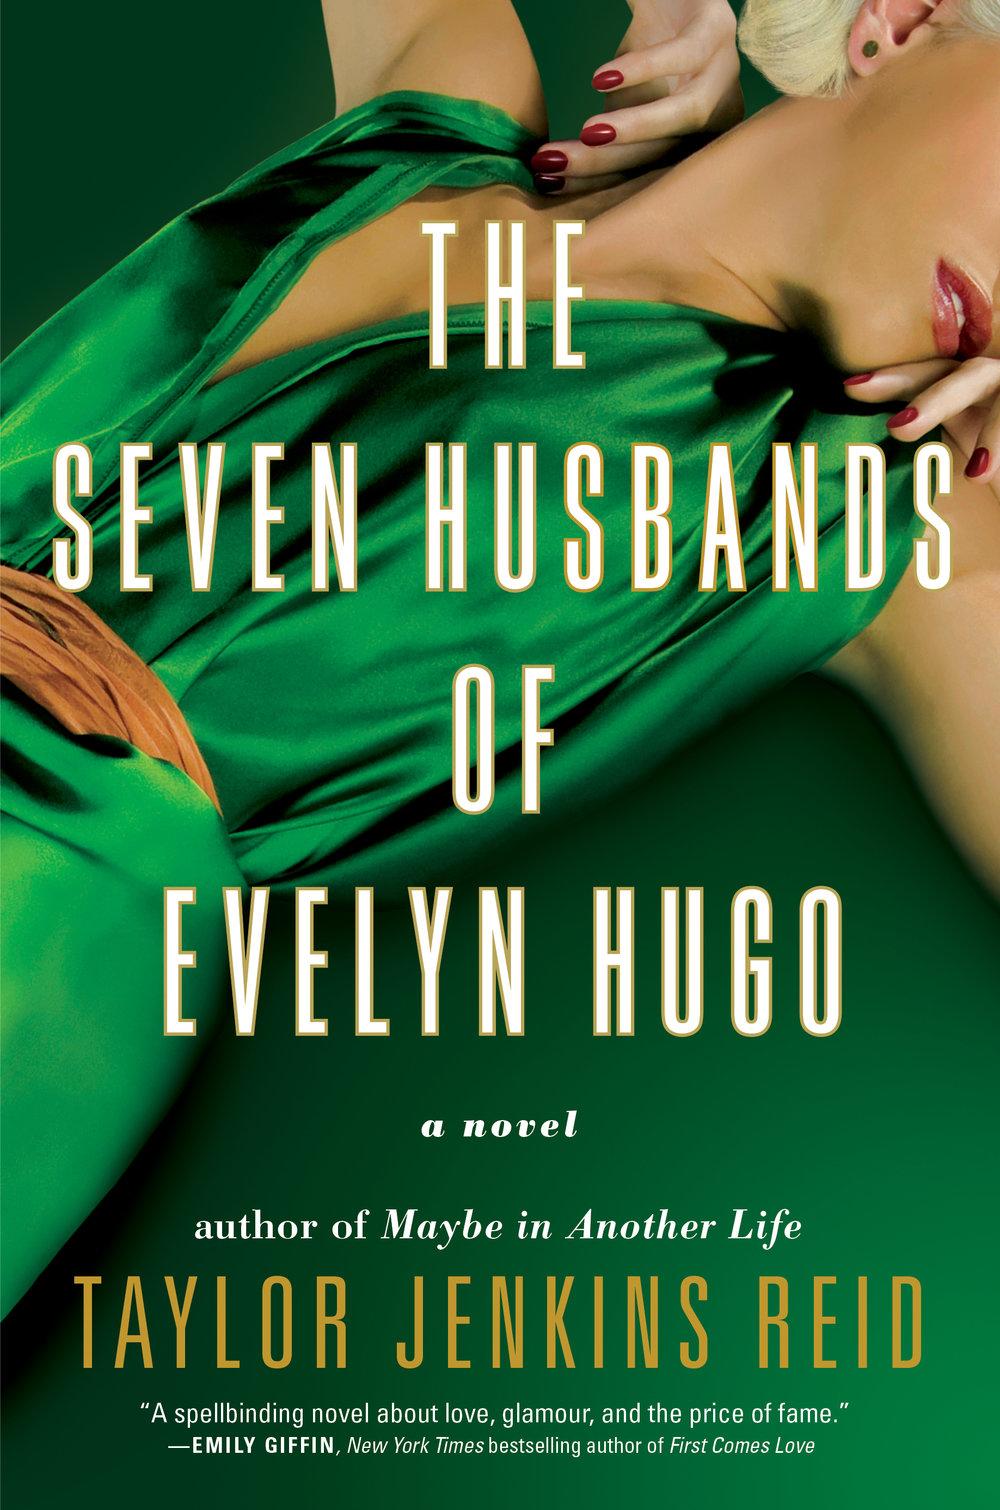 The Seven Husbands of Evelyn Hugo by Taylor Jenkins Reid.jpg